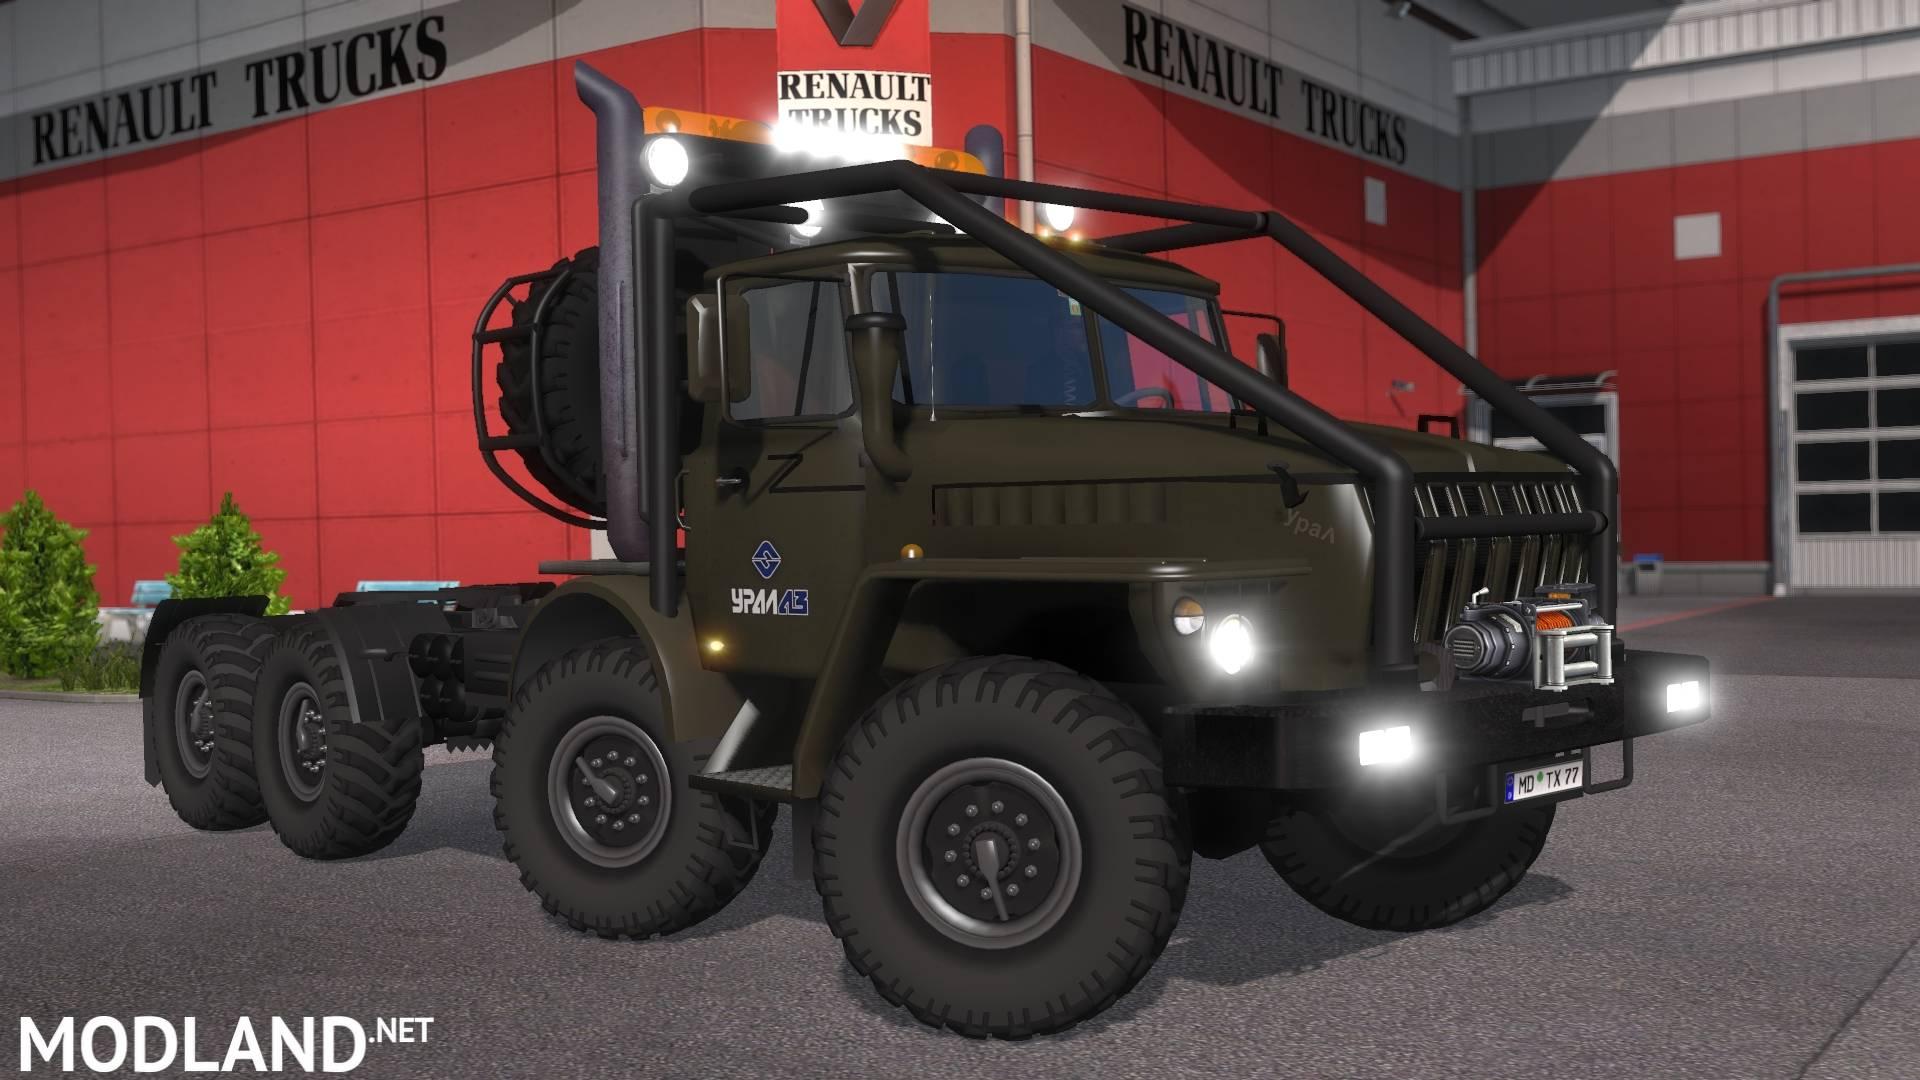 Ural 43202 1 17 1 S Mod For Ets 2